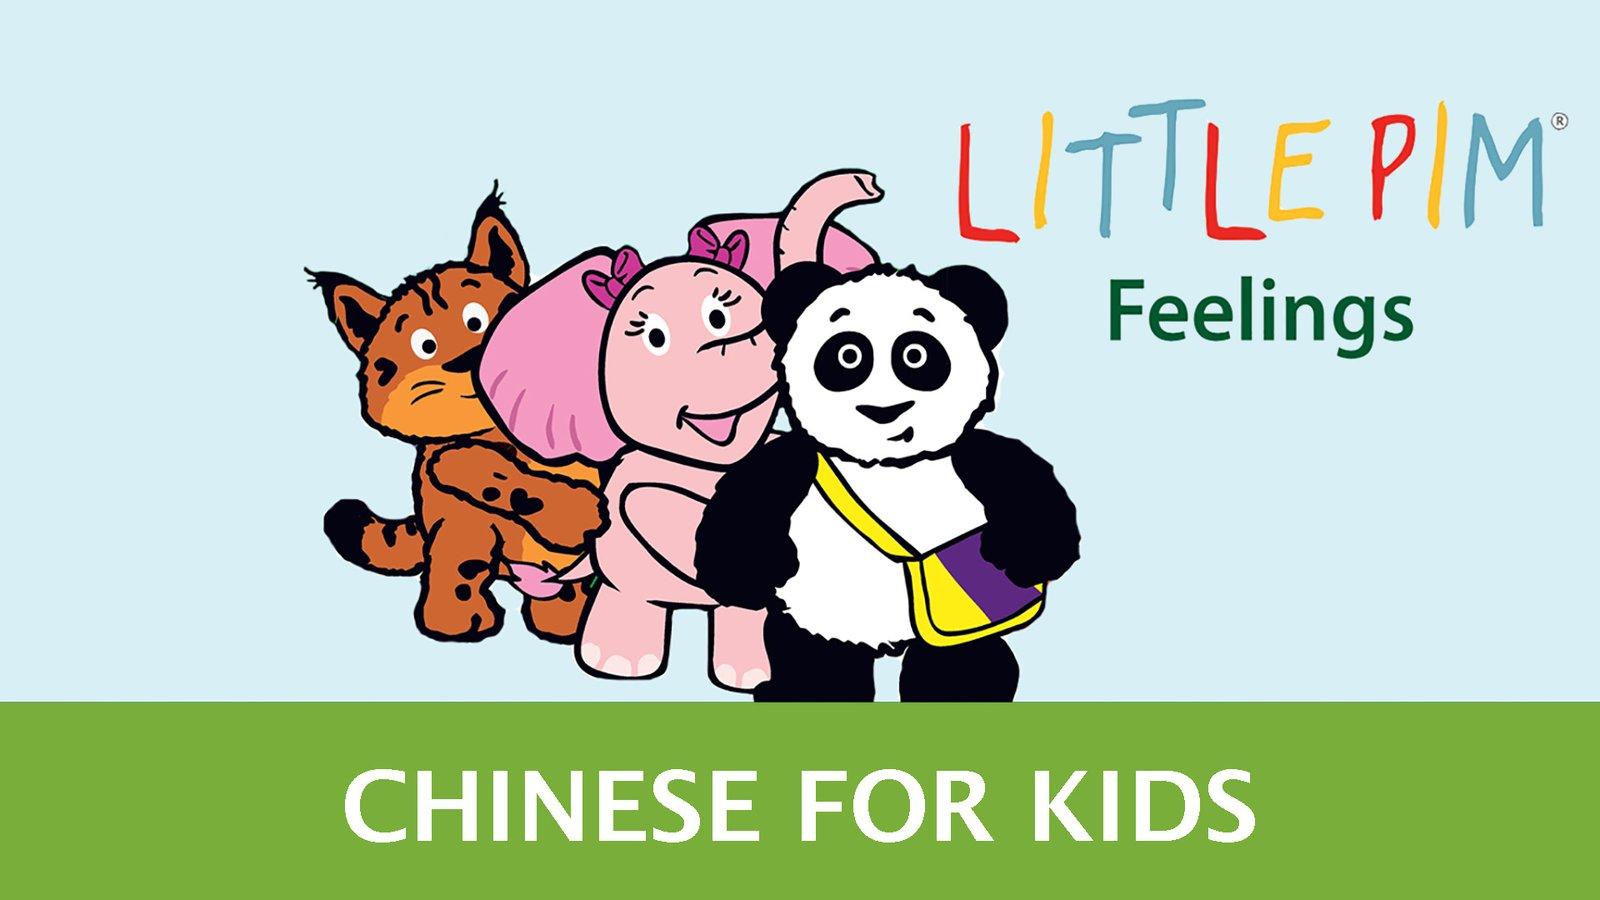 Little Pim: Feelings - Chinese for Kids